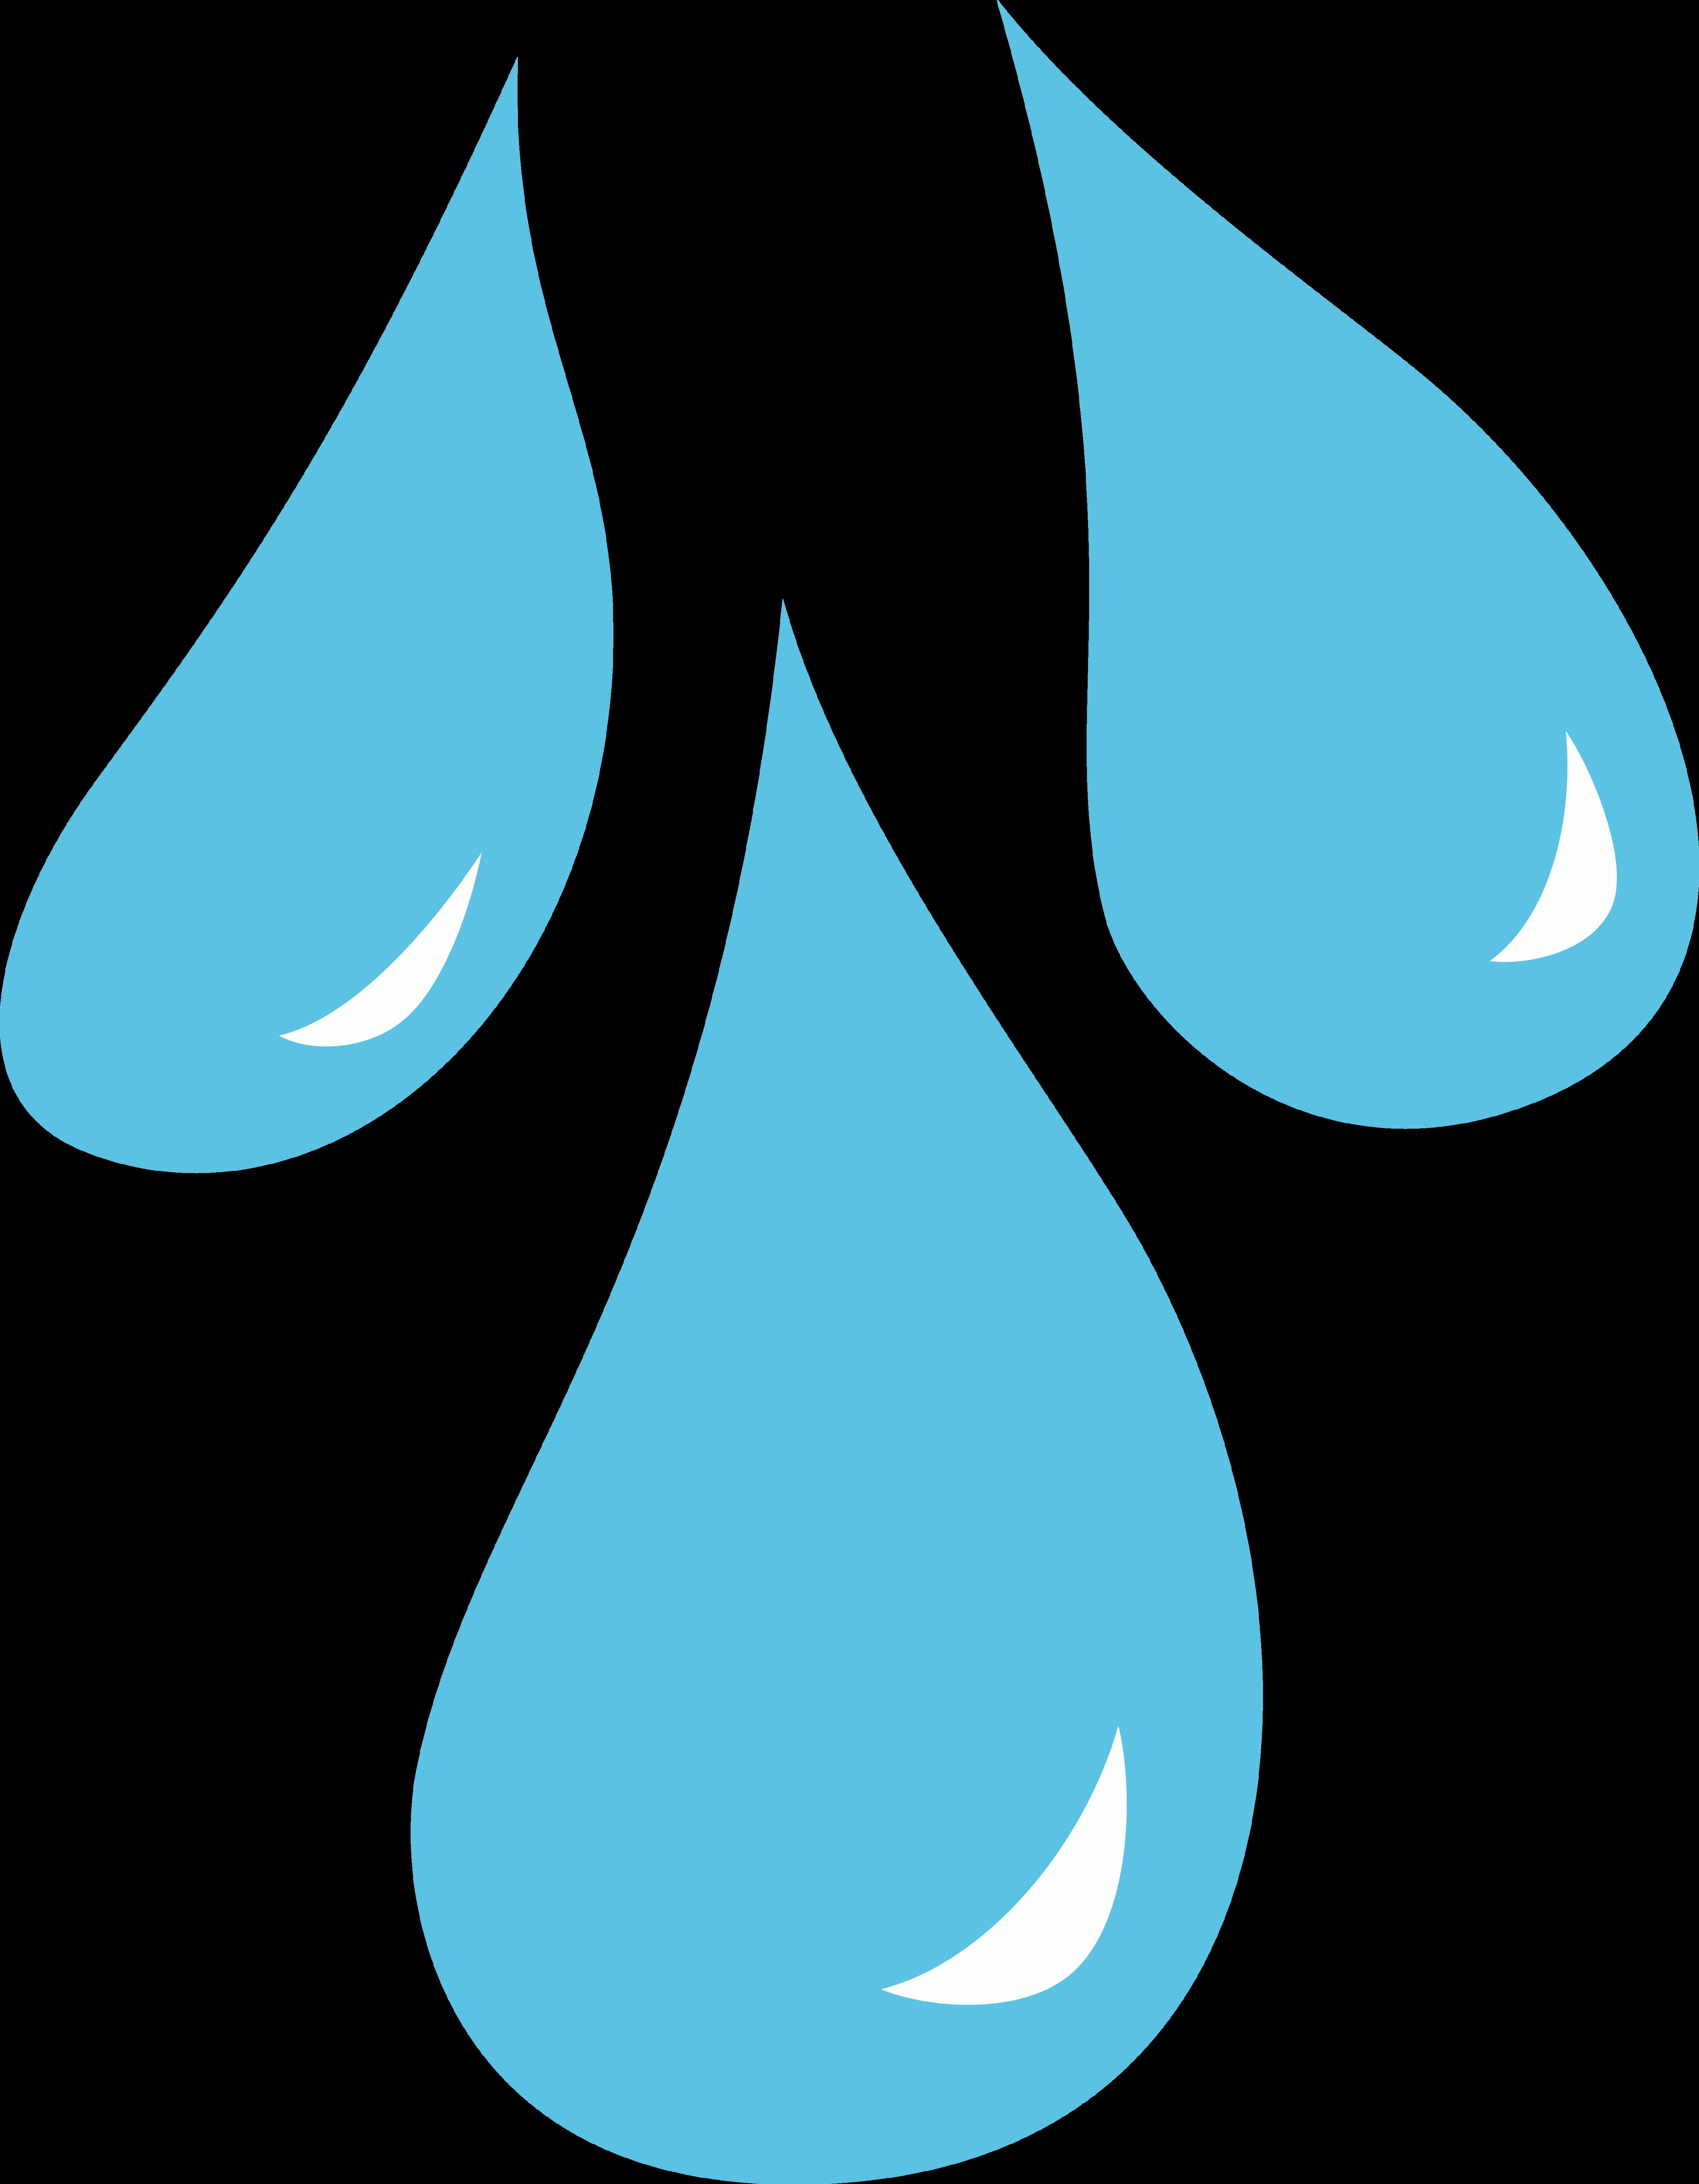 Water free download best. Splash clipart raindrop splash